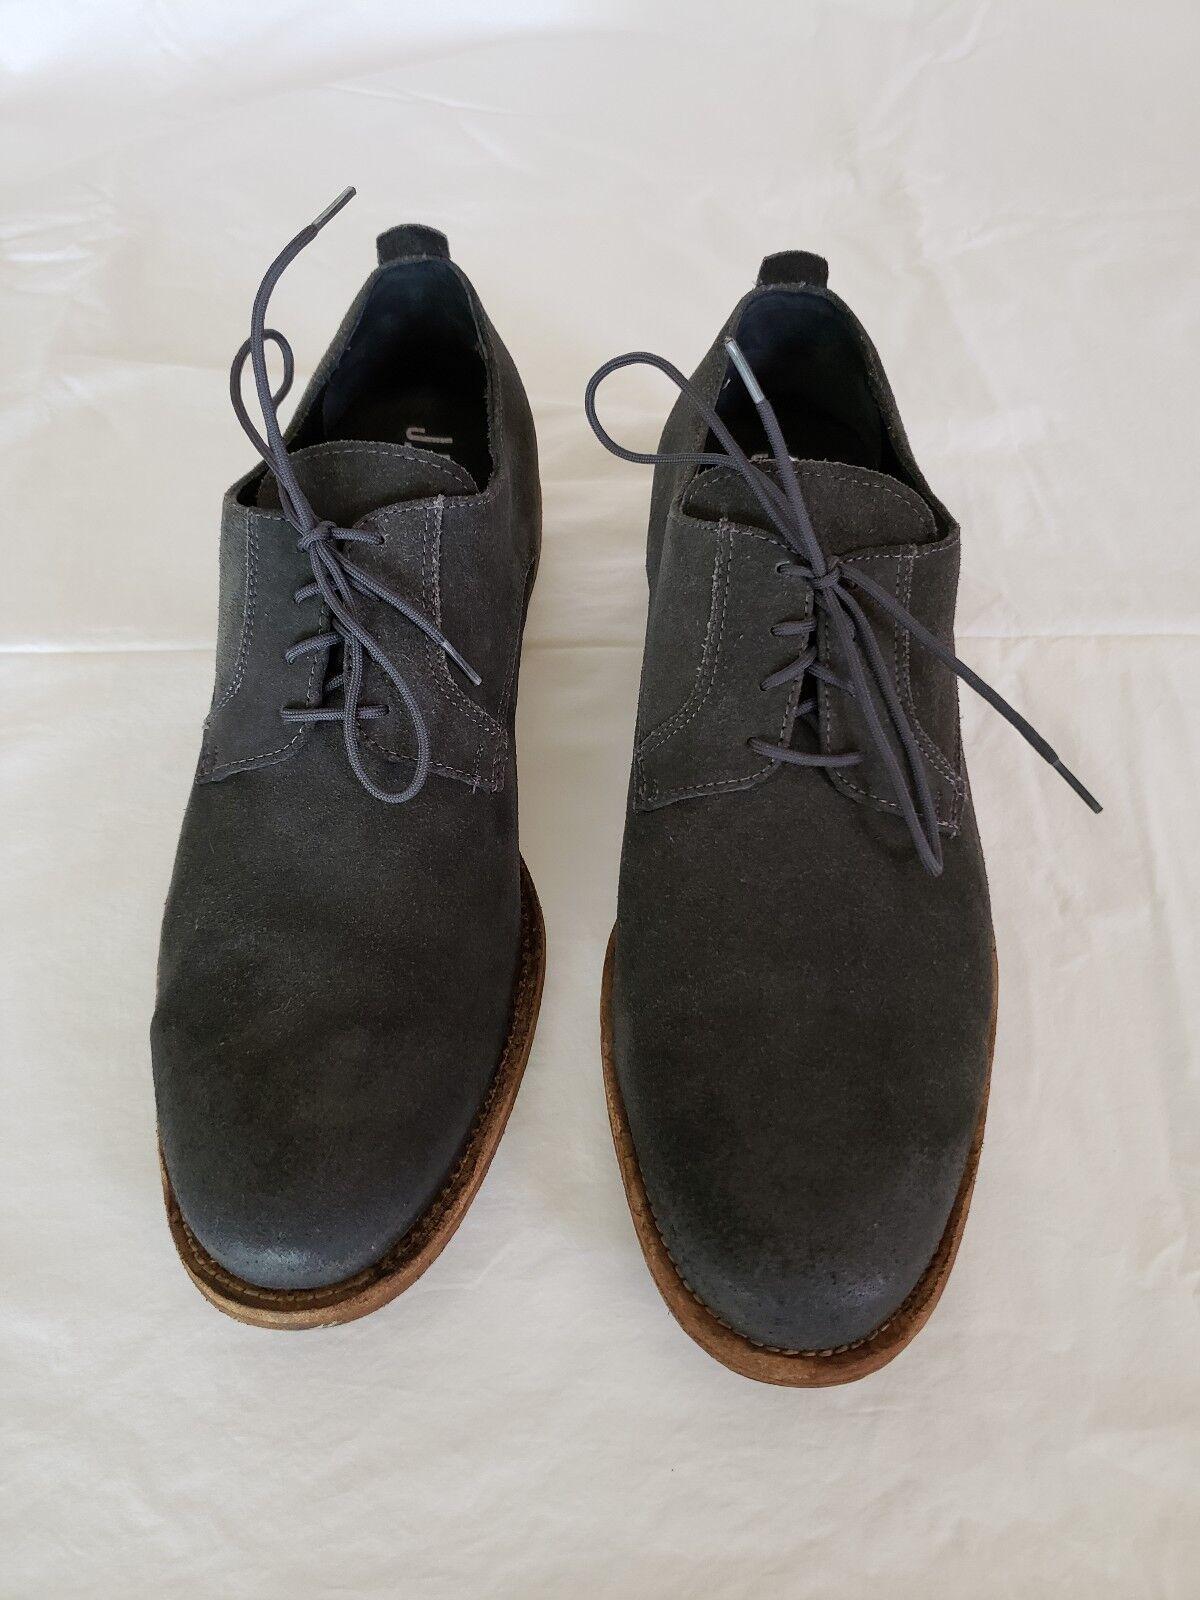 J.D. FISK  Men's Grey Suede Oxfords shoes Size  10.5 M